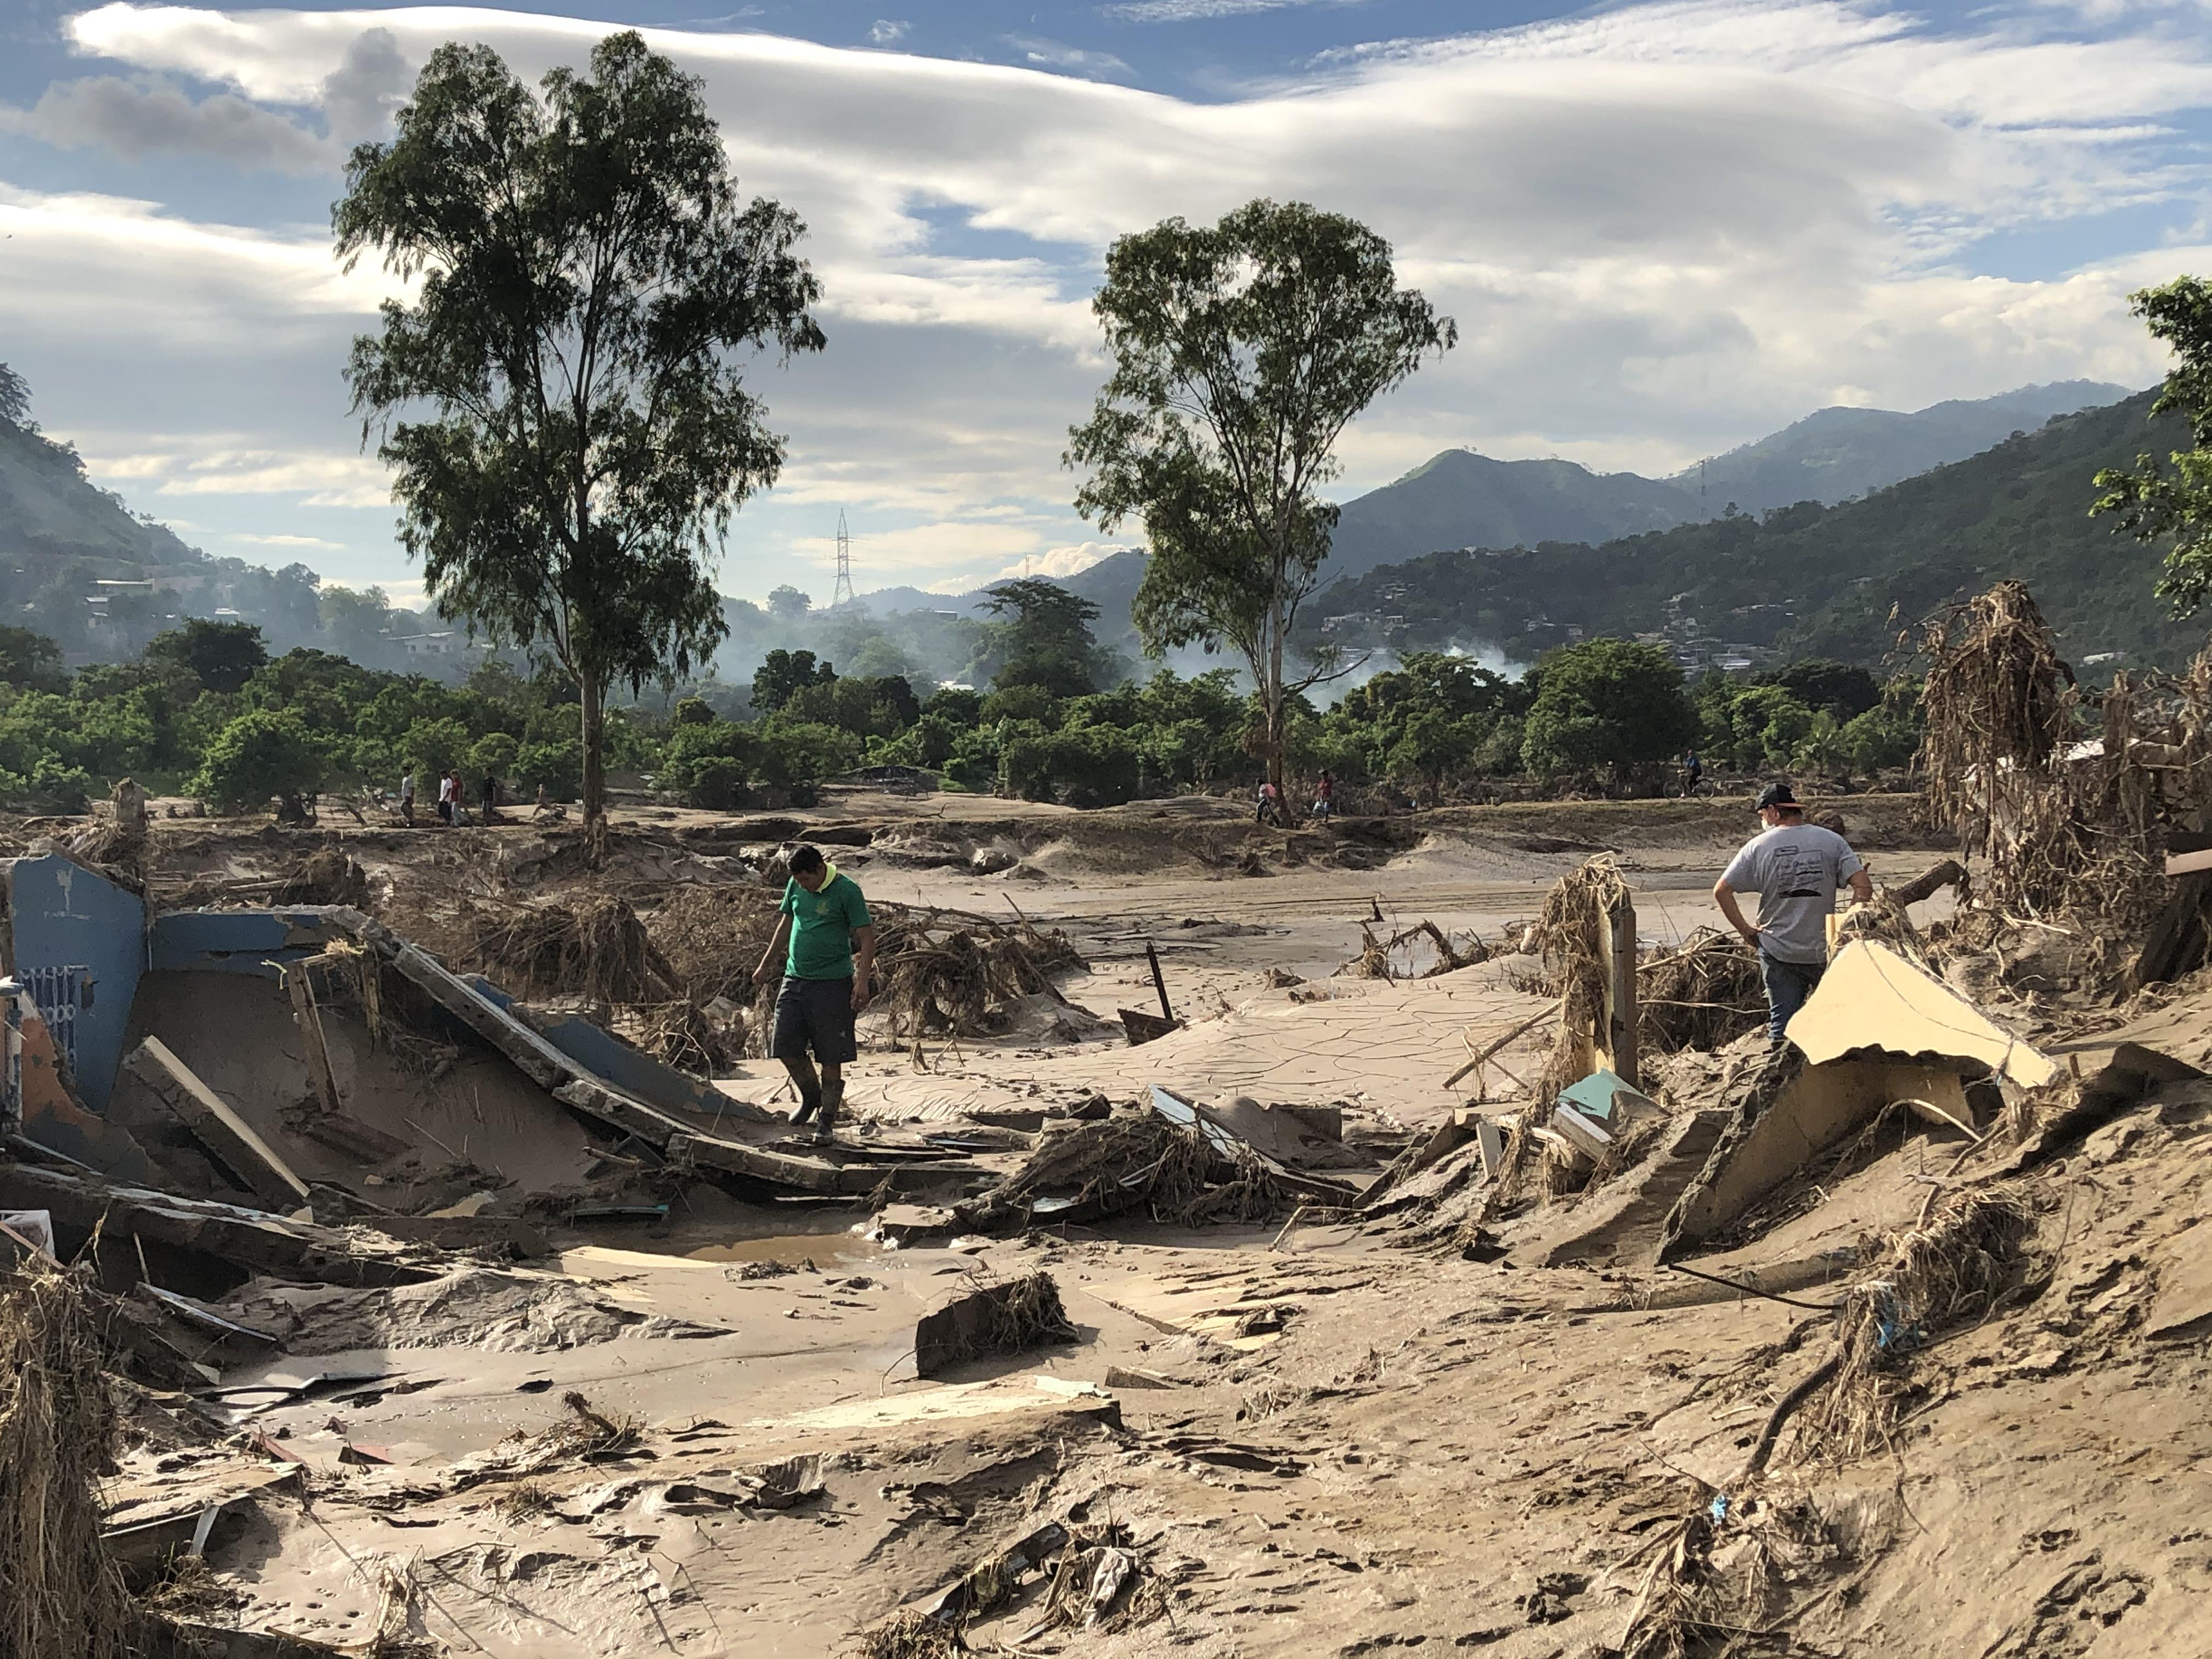 De acuerdo con el Comité de Prevención de Inundaciones, organismo del gobierno hondureño, el Rio Chamelecón recibió mas de tres veces su capacidad en metros cúbicos de agua después del paso del huracán Eta y sucedió lo mismo cuando el ciclón Iota afectó varias regiones del país en noviembre de 2020. Foto cortesía de la familia Somerville.